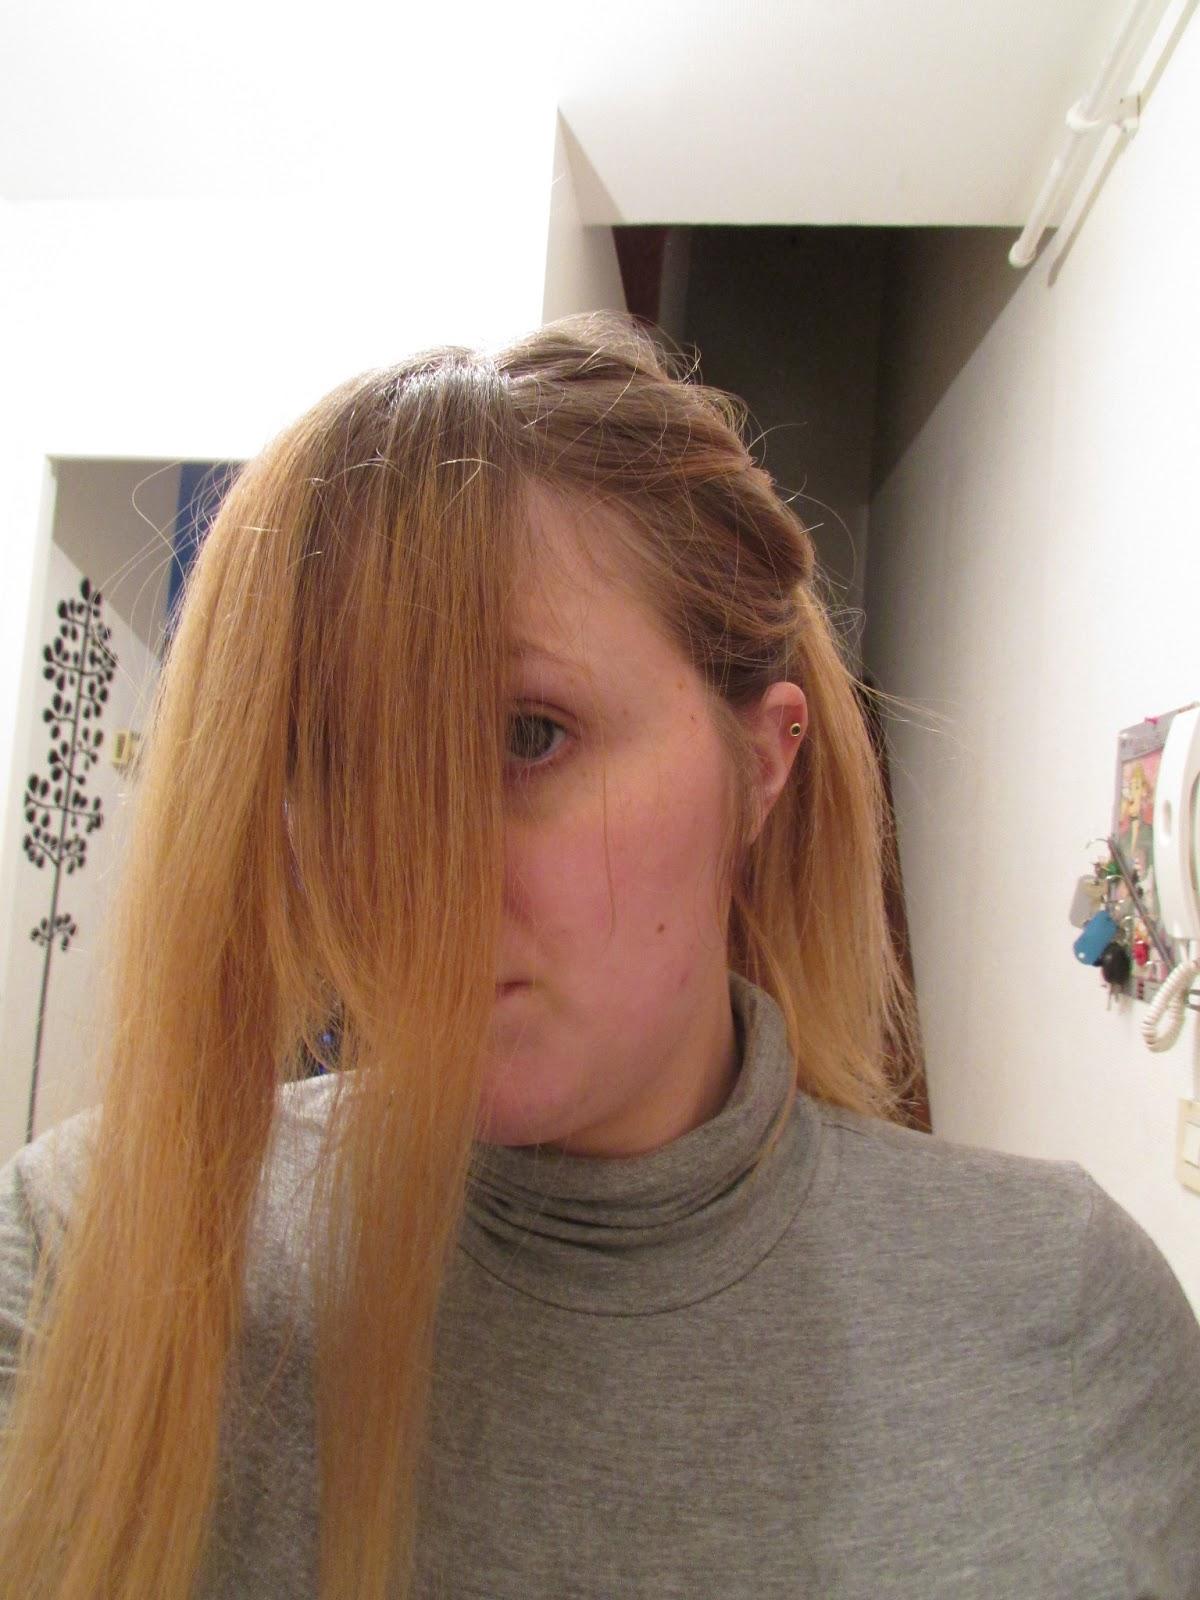 La blonde voulais tester le candaulisme - 2 part 1